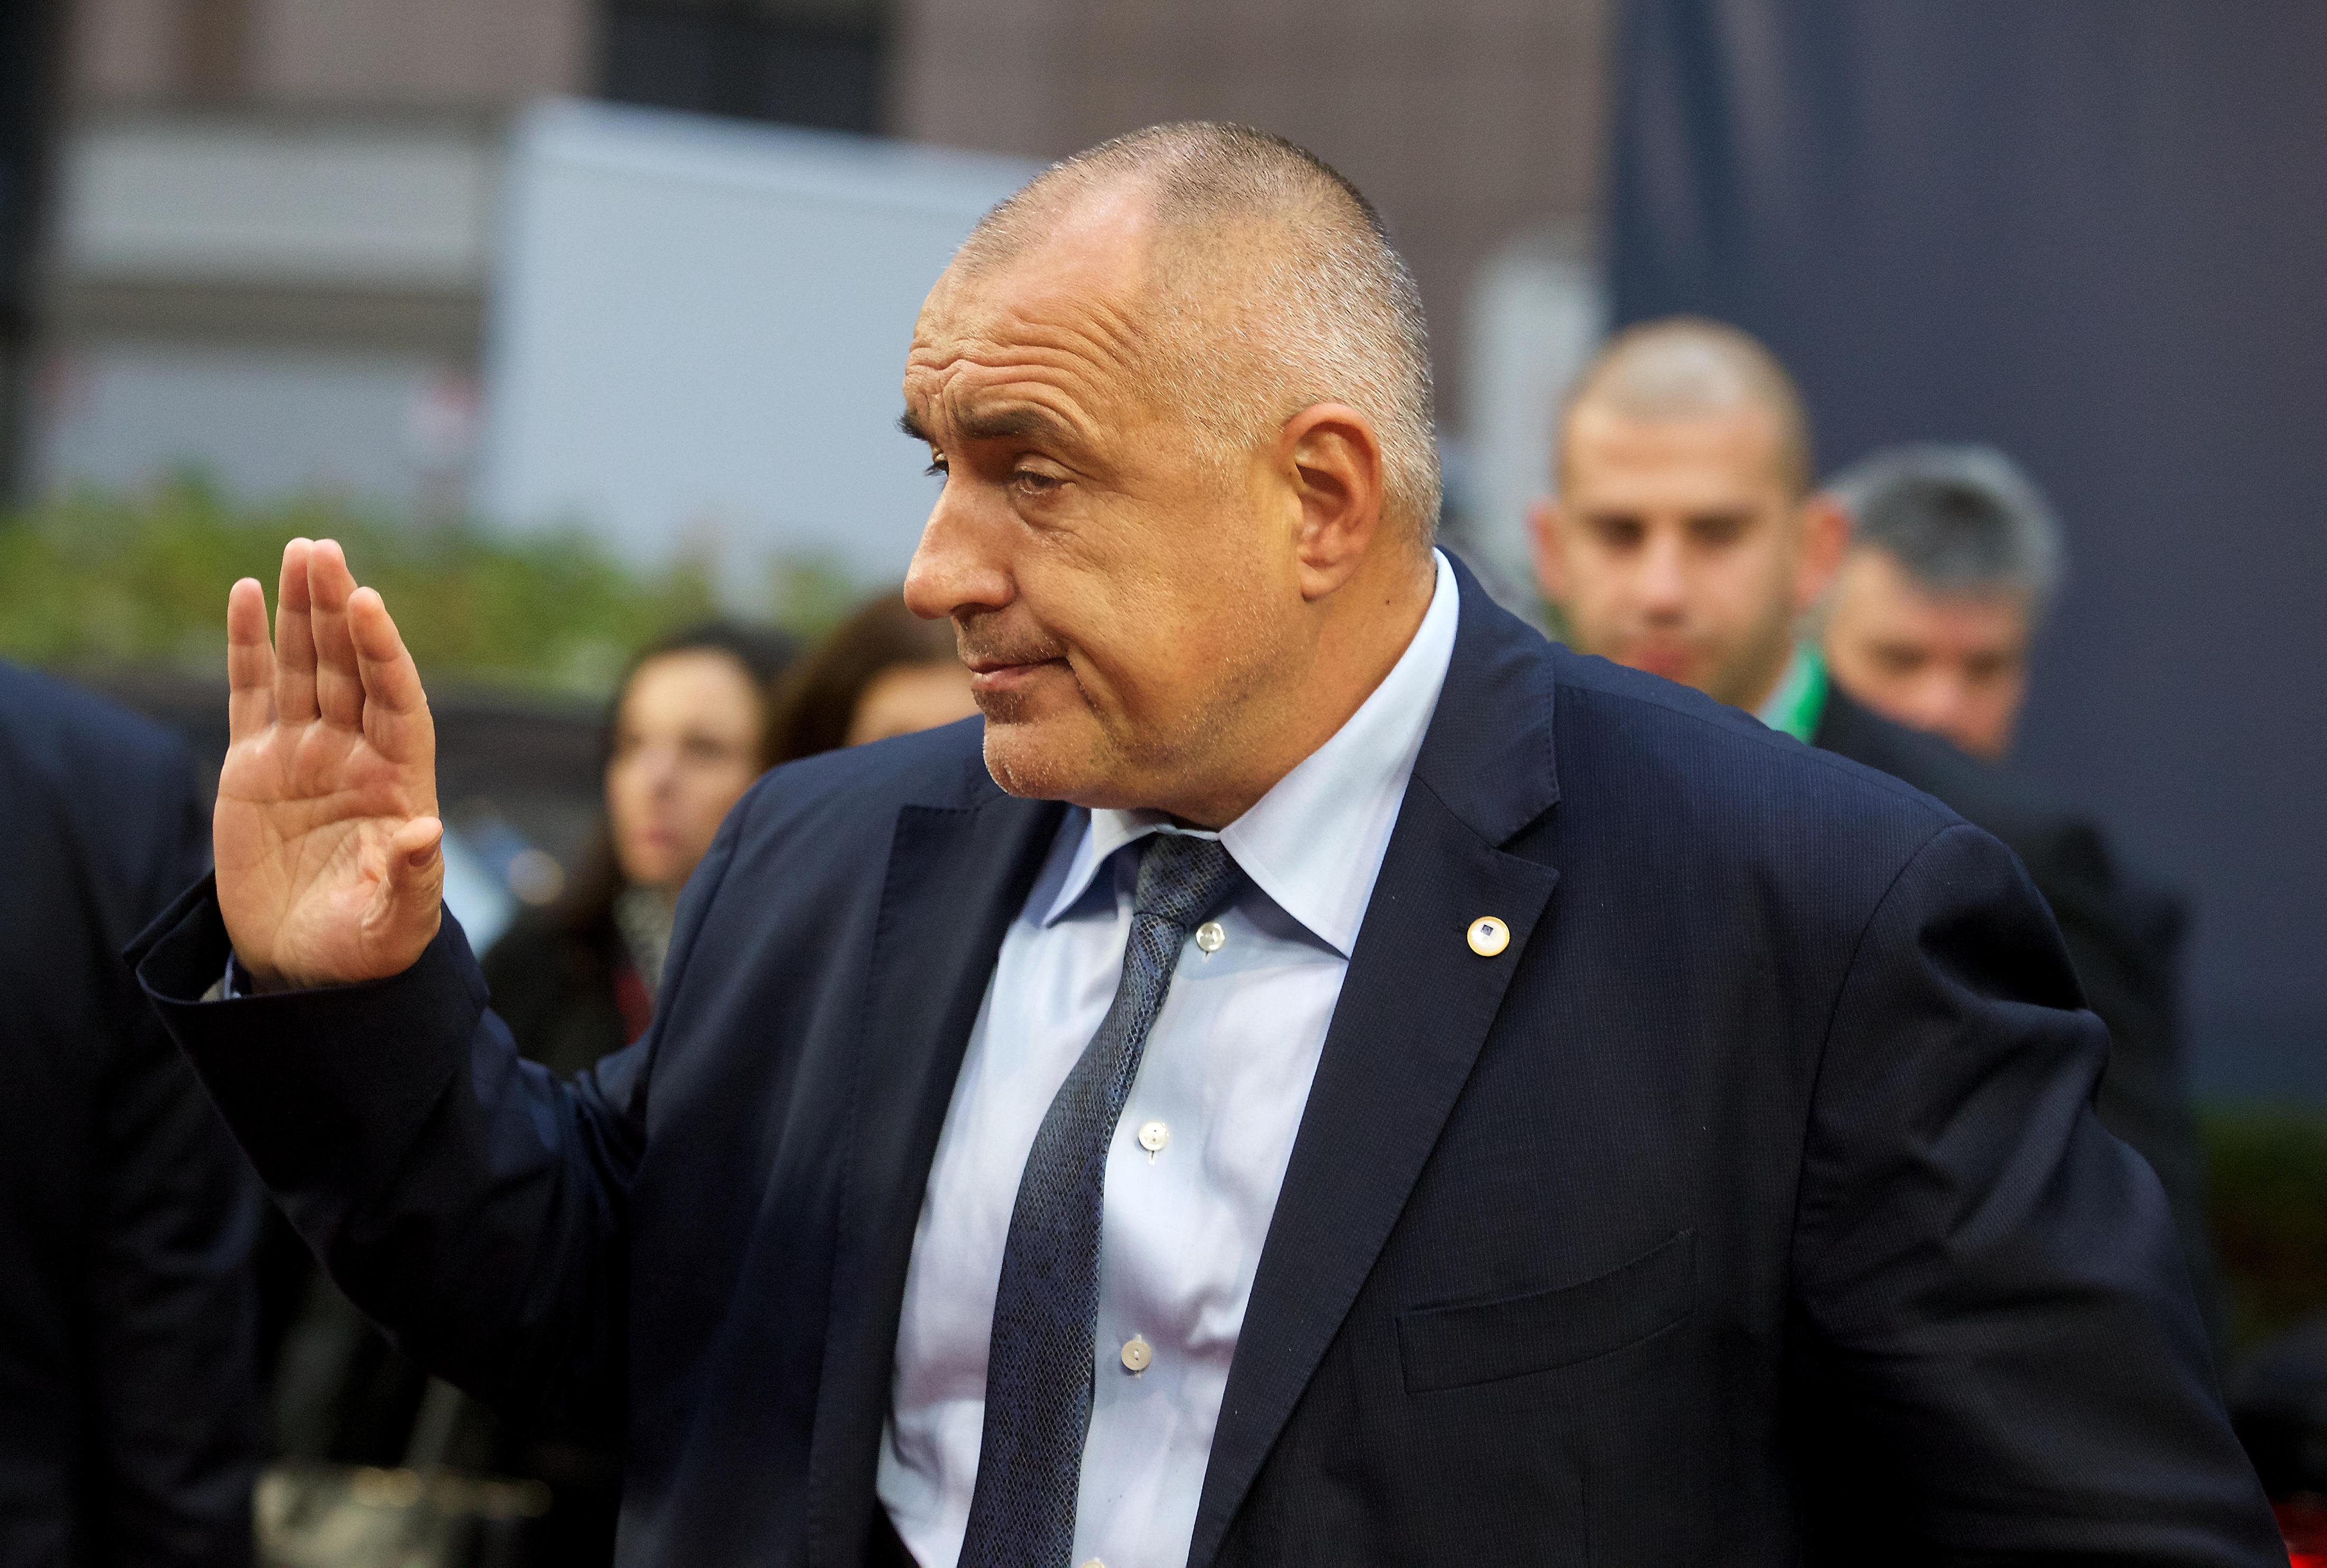 Megbírságolták a bolgár miniszterelnököt, amiért nem viselt maszkot